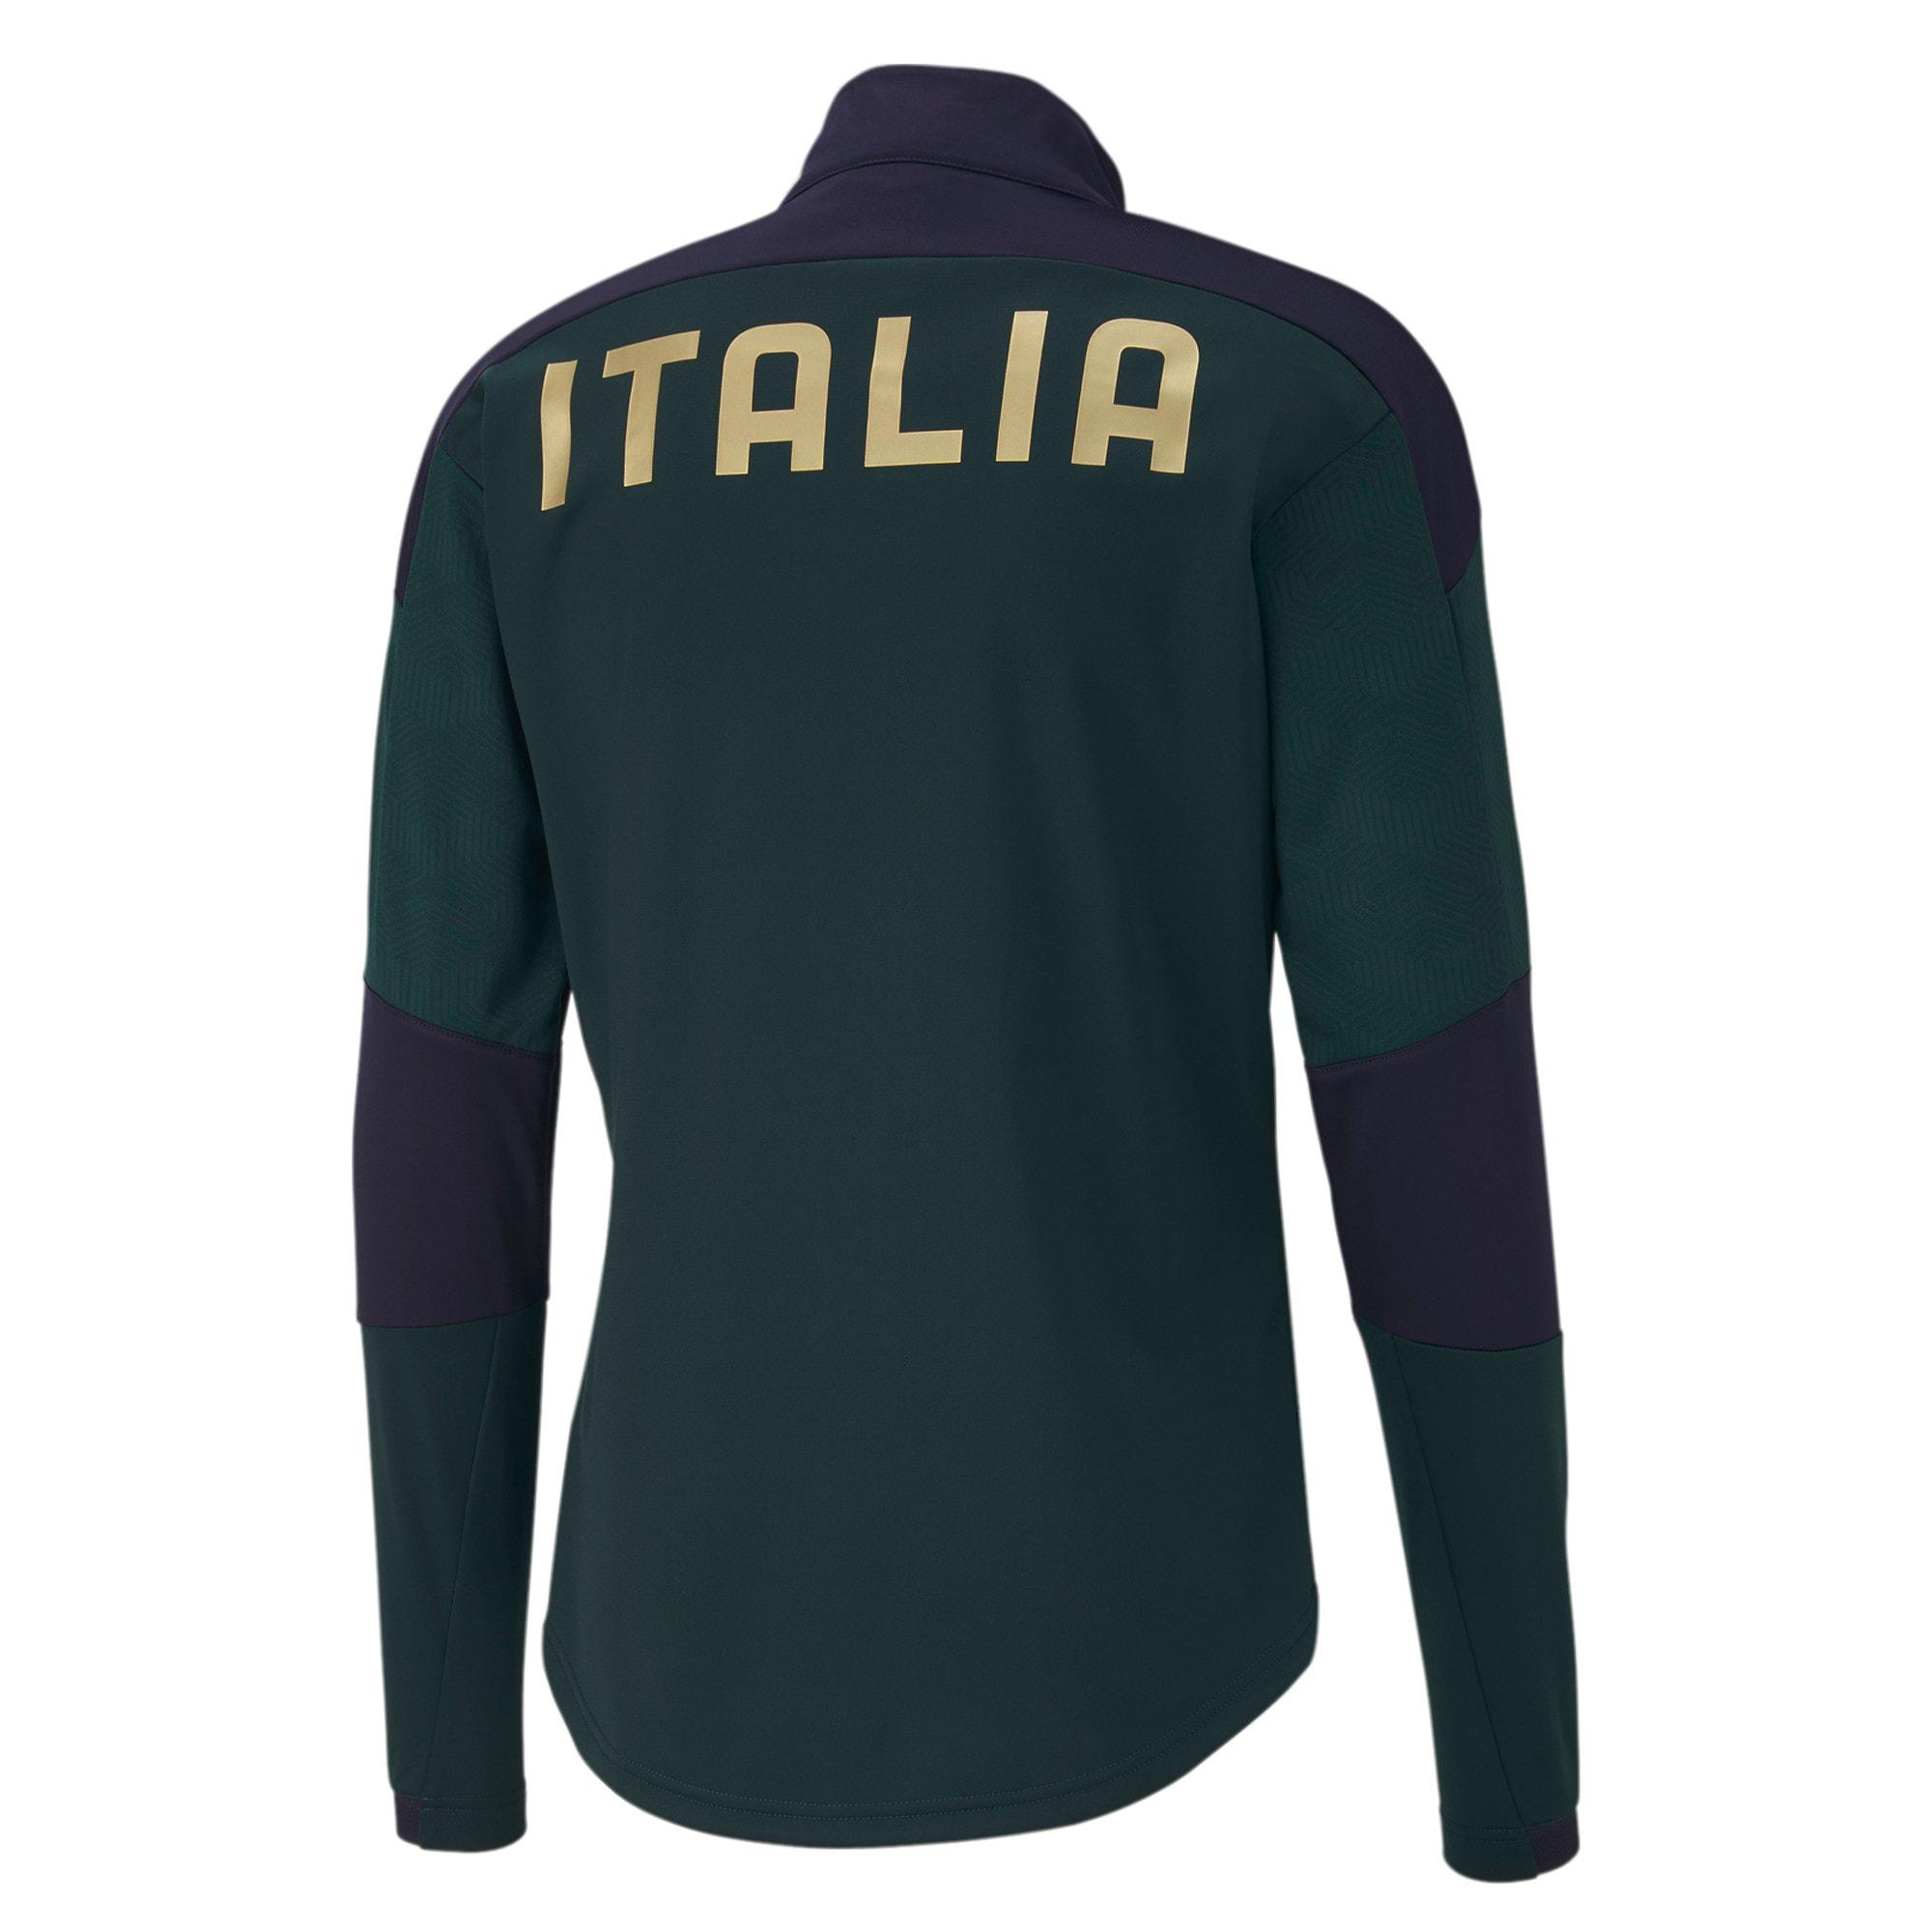 Thumbnail 3 of FIGC イタリア トレーニング ジャケット, Ponderosa Pine-Peacoat, medium-JPN